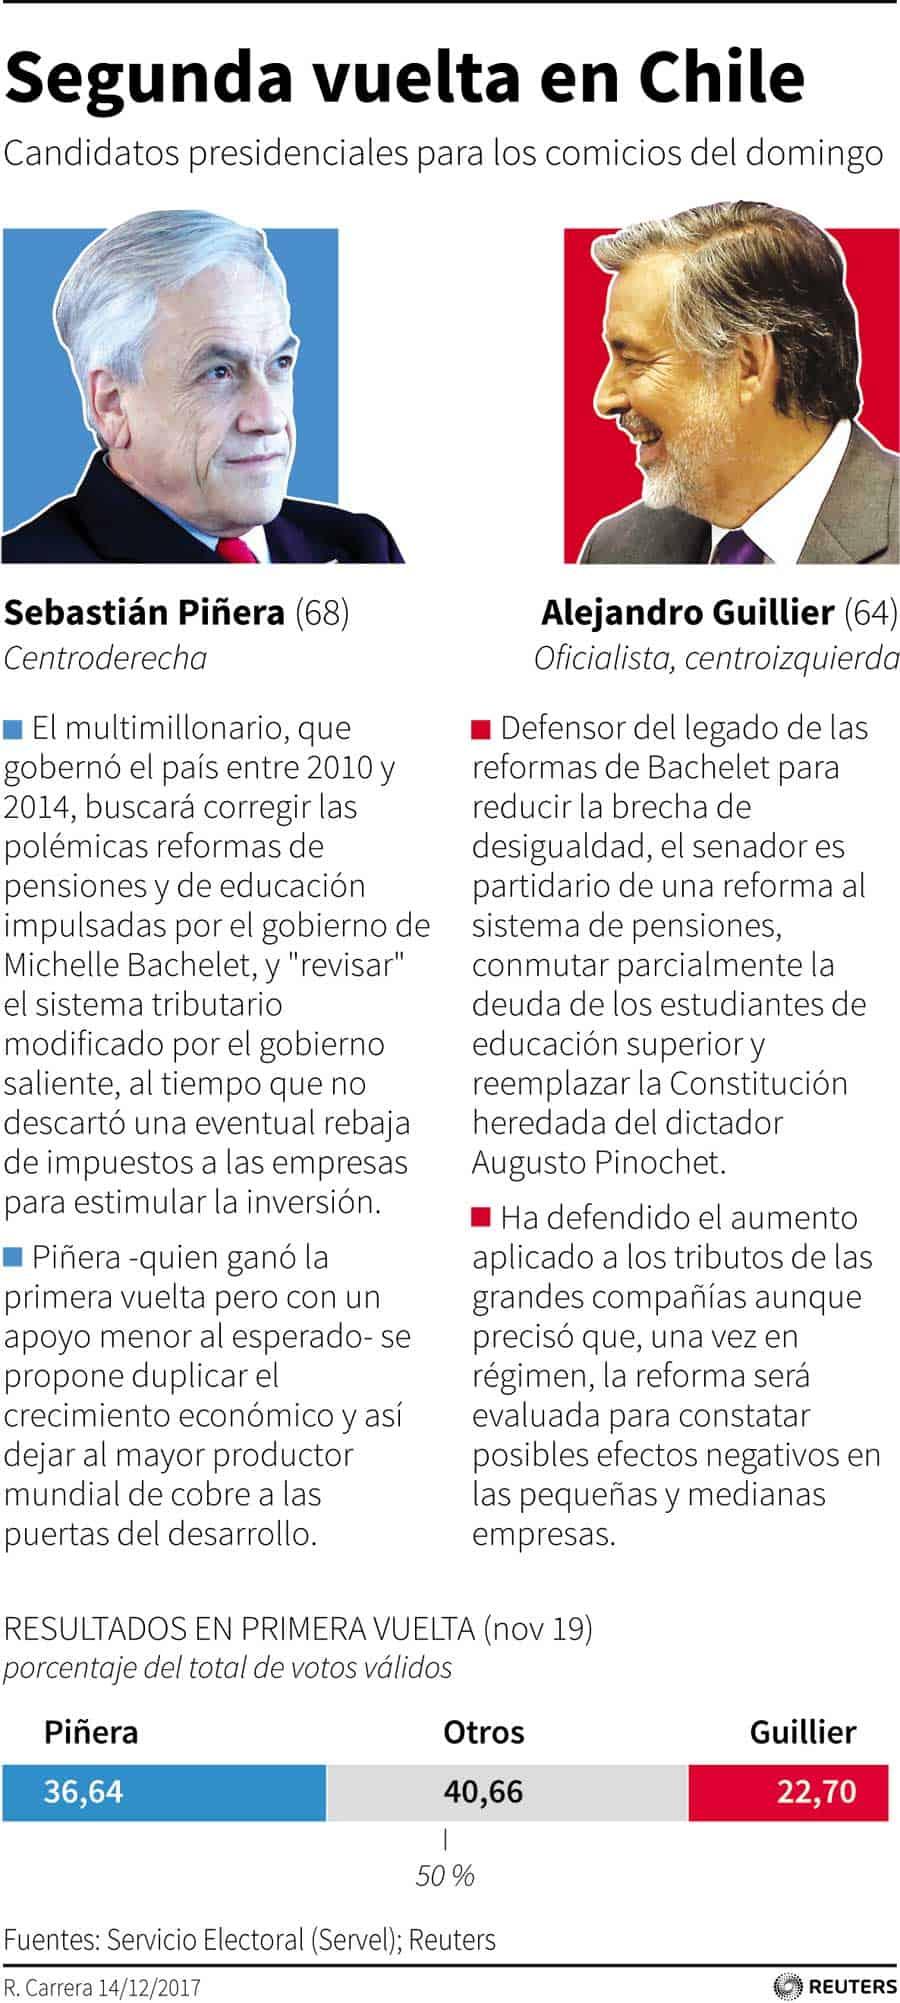 Perfiles de Sebastián Piñera y el senador Alejandro Guillie